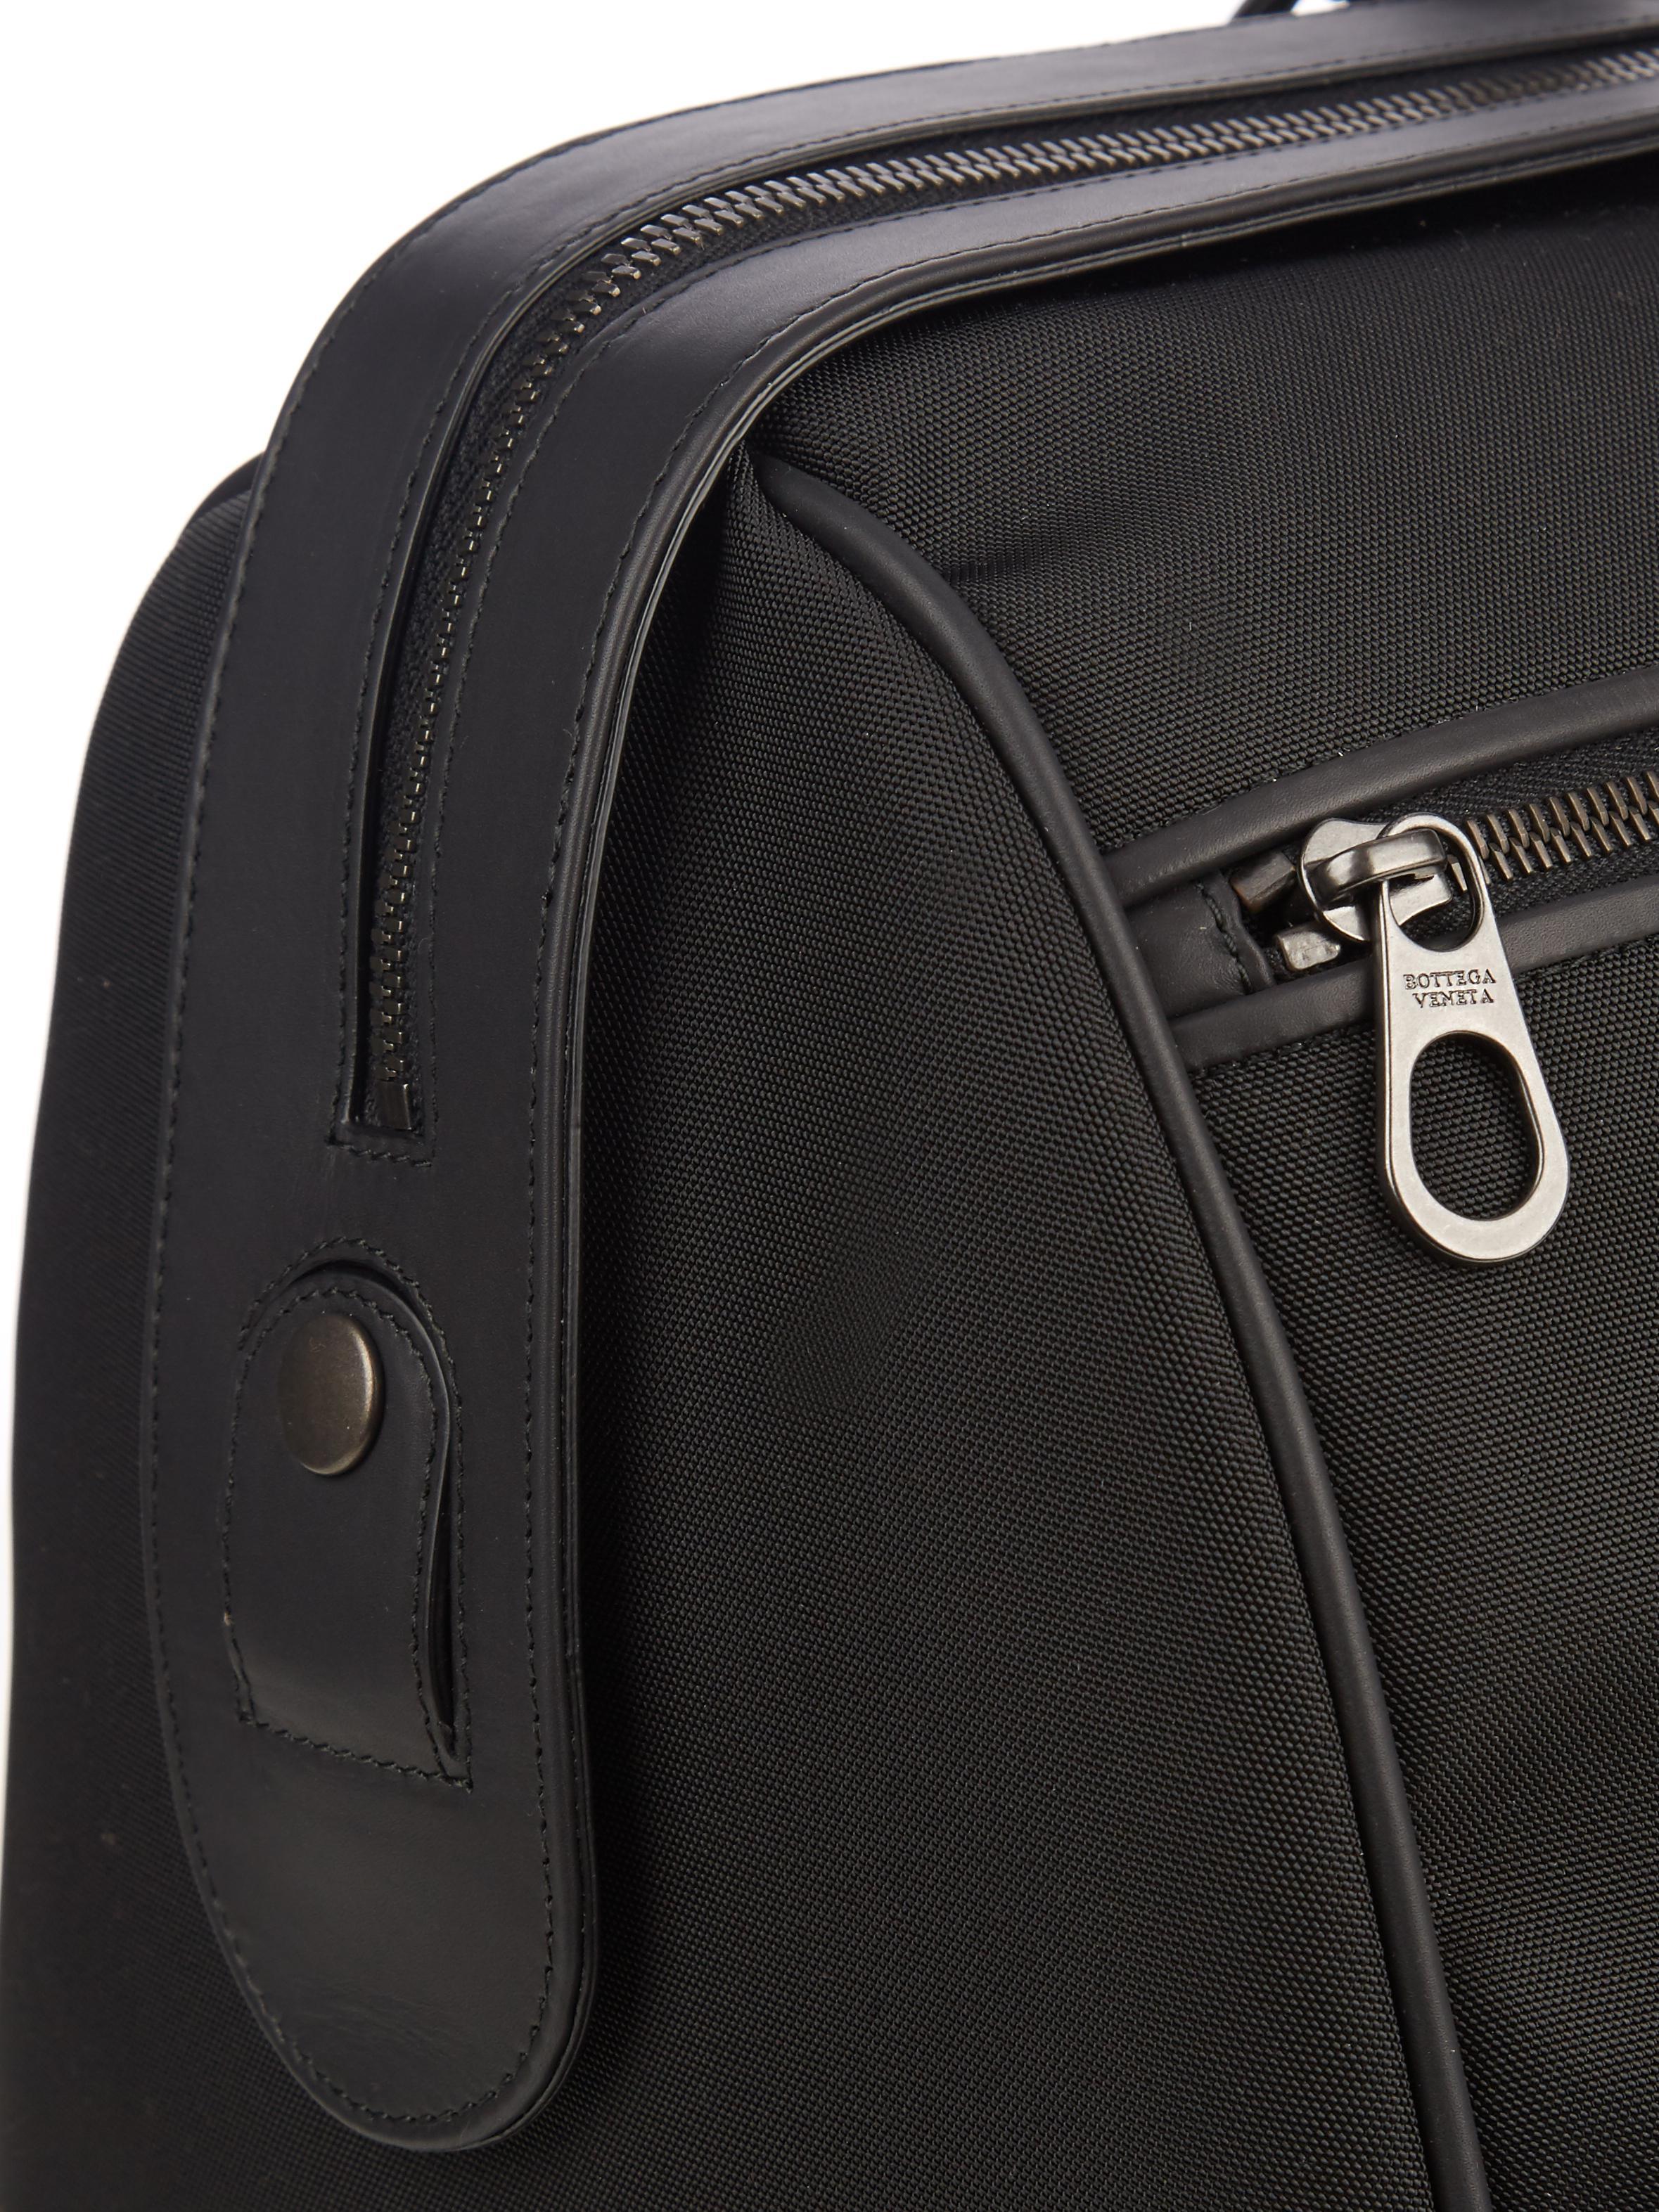 a79abc56c69f Bottega Veneta Intrecciato Leather-trim Canvas Travel Bag in Black ...